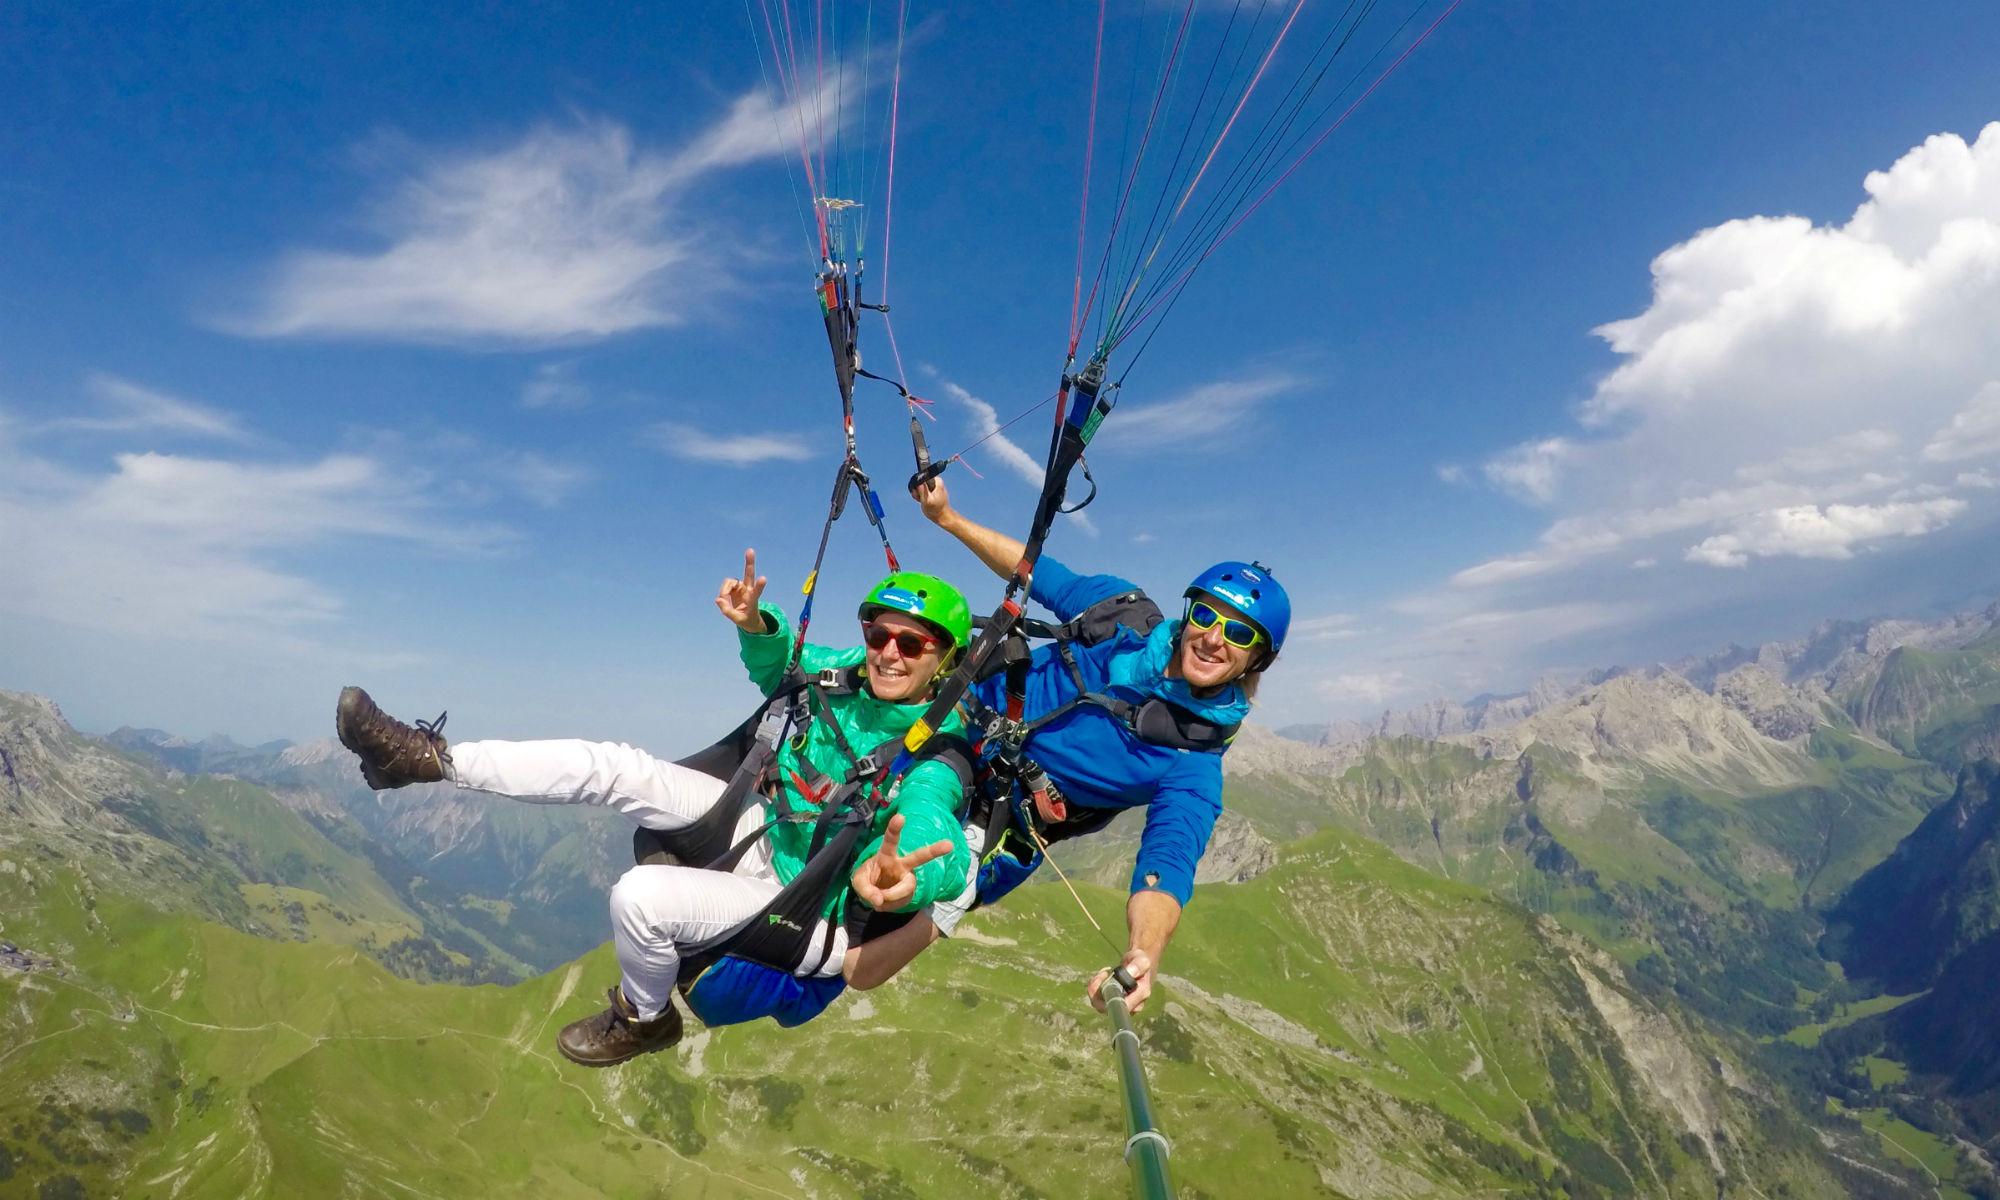 Ein Tandem-Pilot mit Passagier während eines Akrobatikfluges im bayerischen Allgäu.